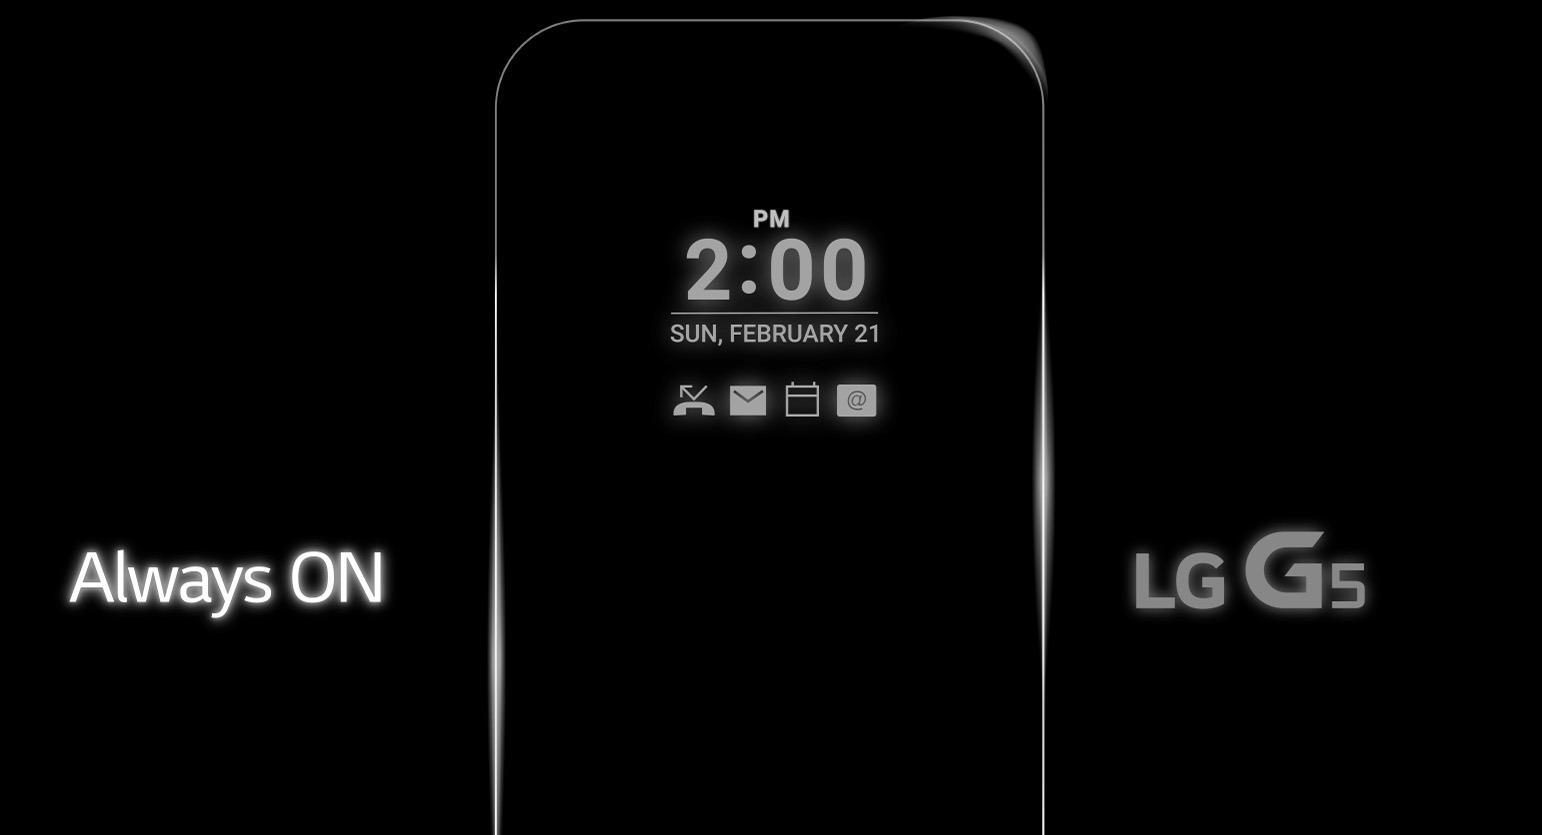 G5-skjermen står alltid på